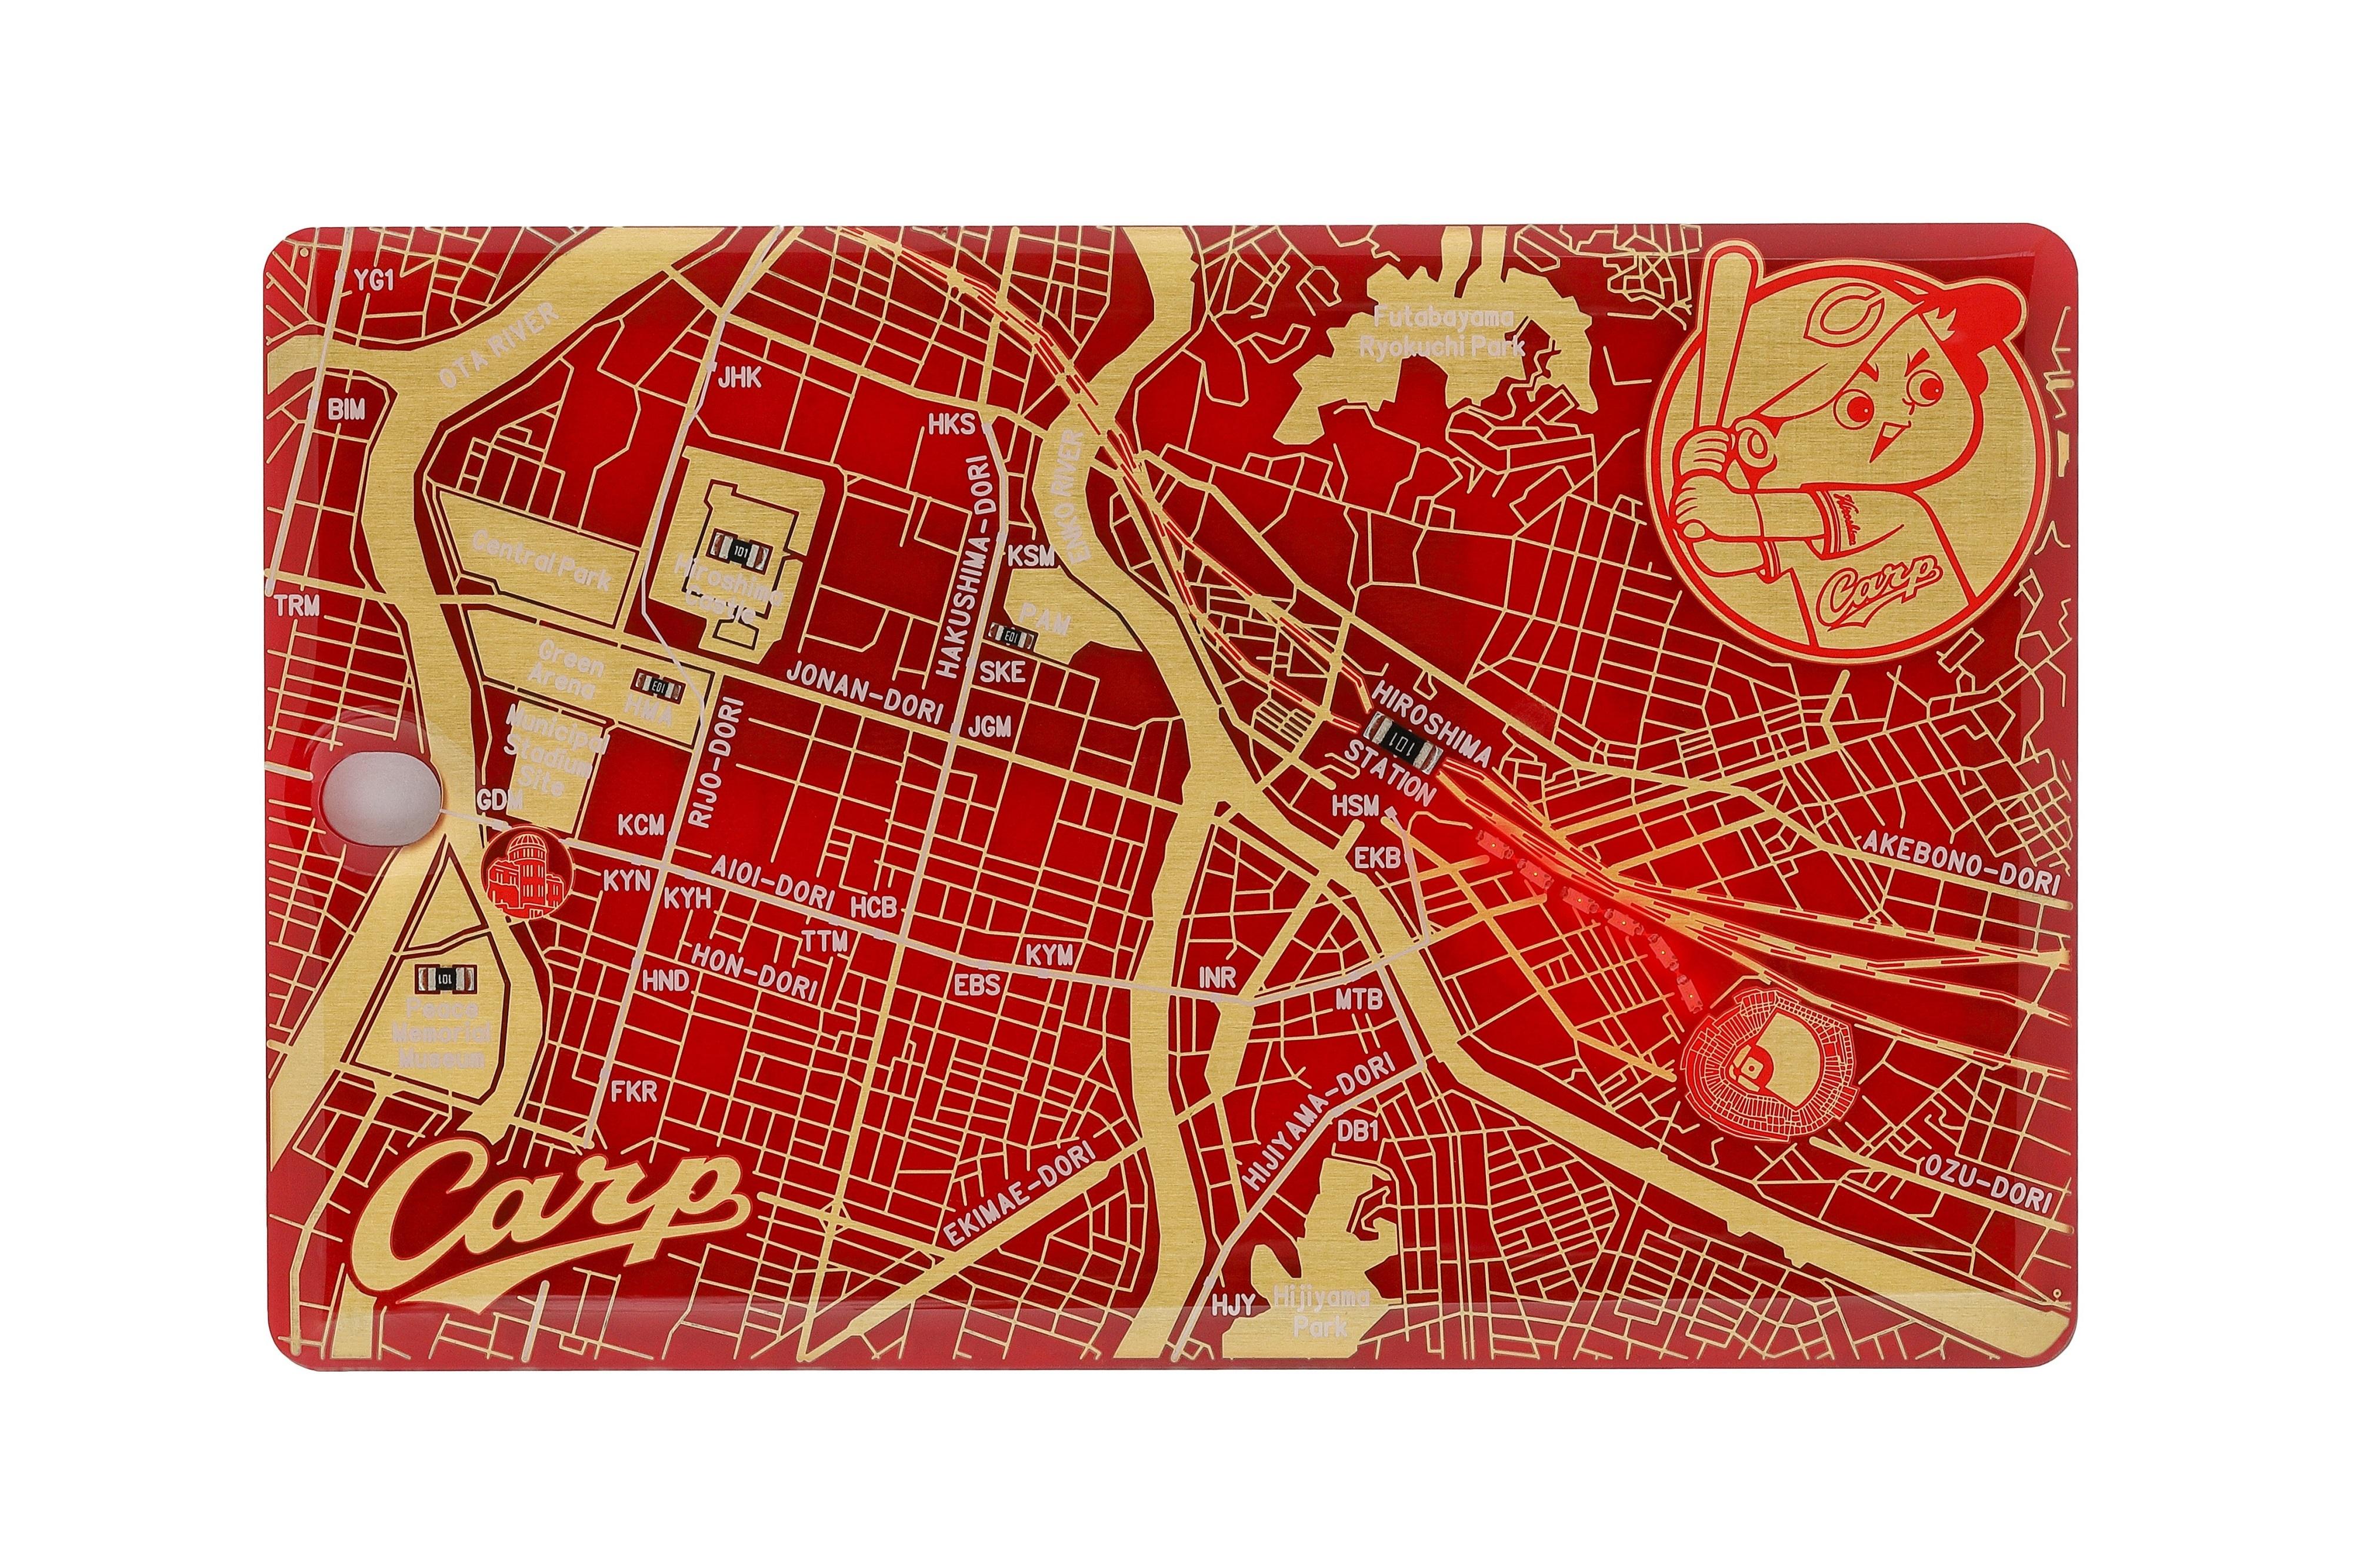 FLASH 広島カープ 基板アートICカードケース 赤 【名入れ無料サービス実施中】